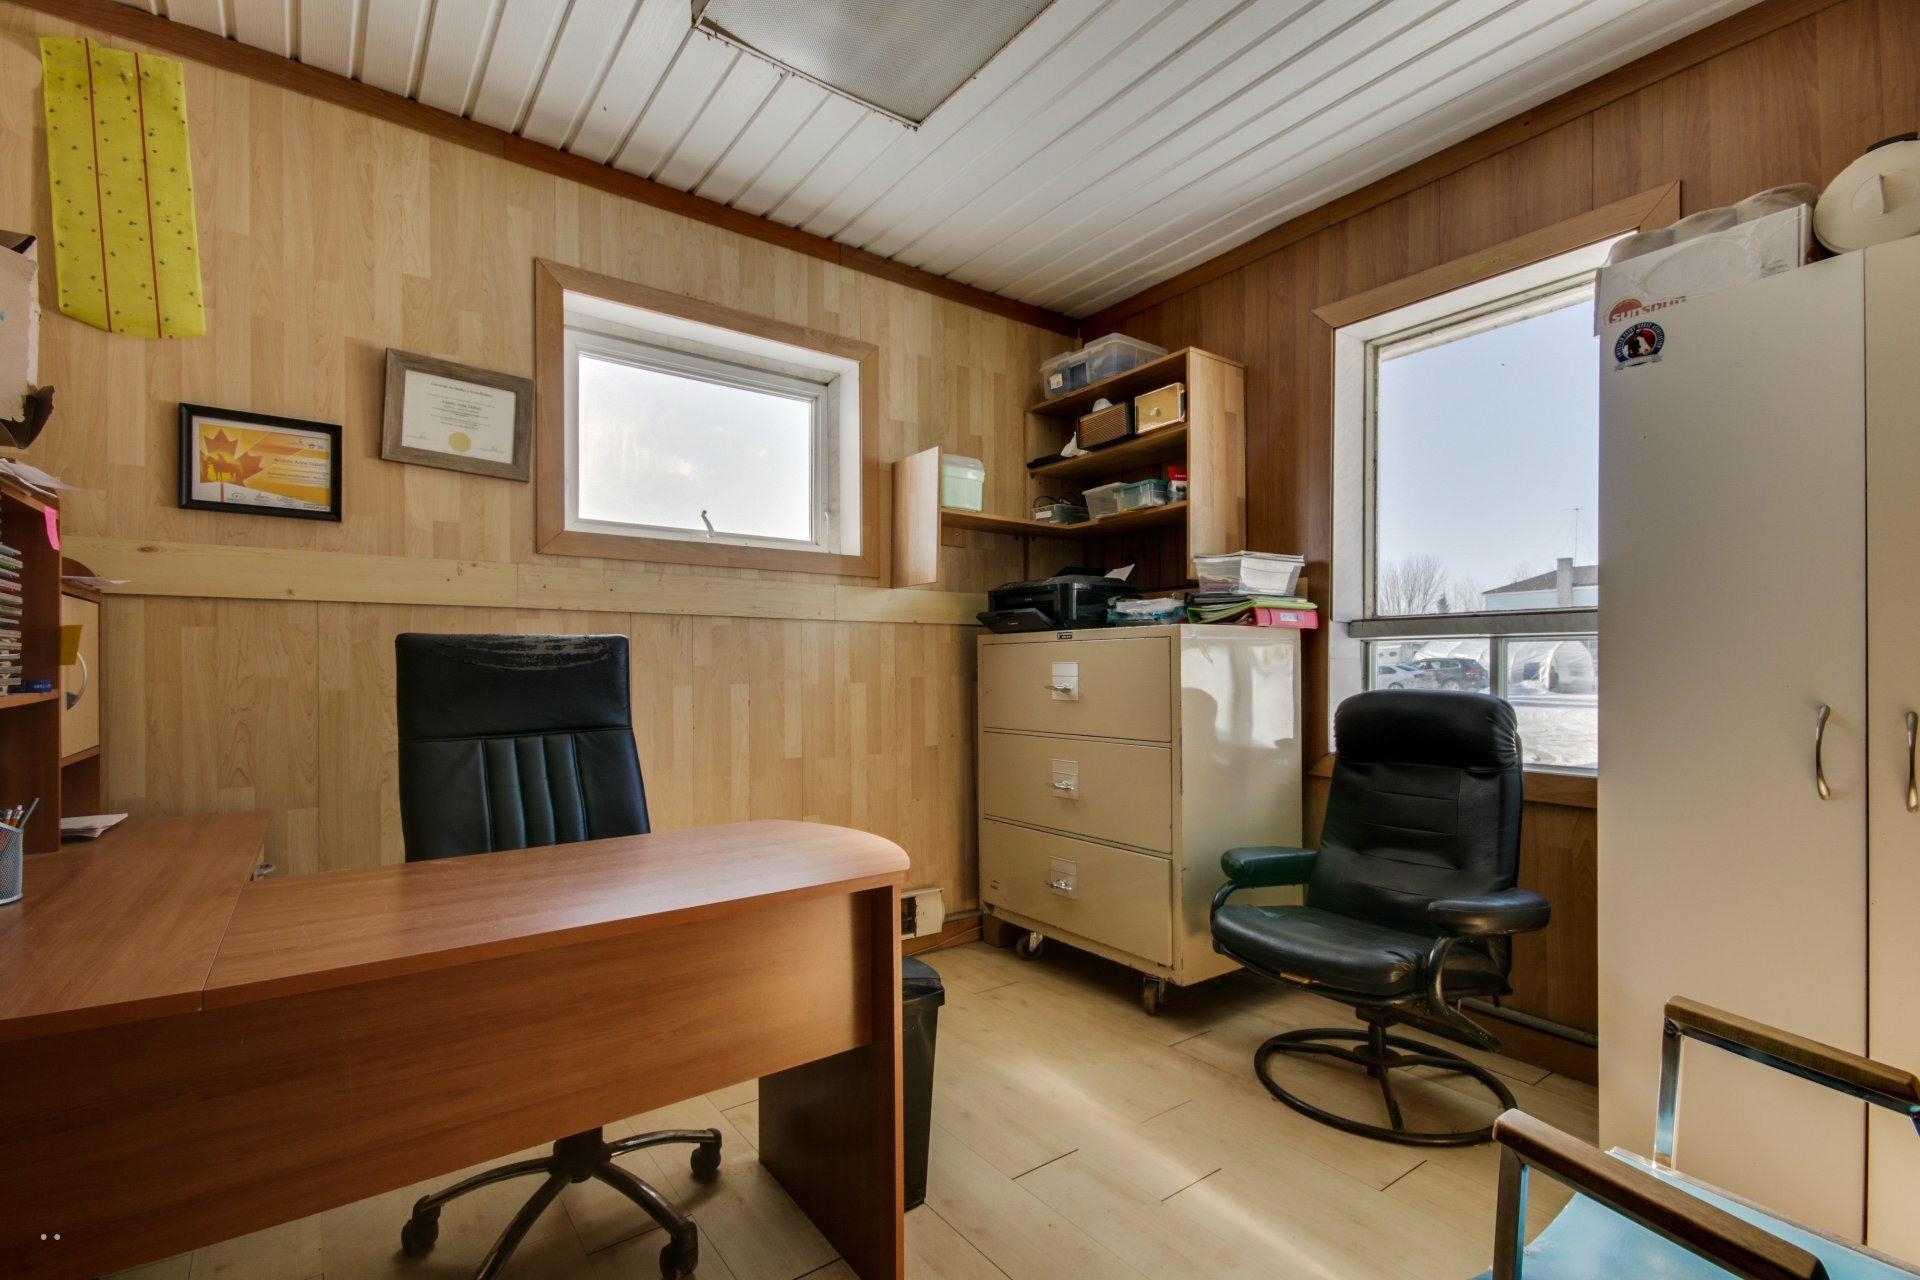 image 9 - Farmhouse For sale Sainte-Françoise - 7 rooms